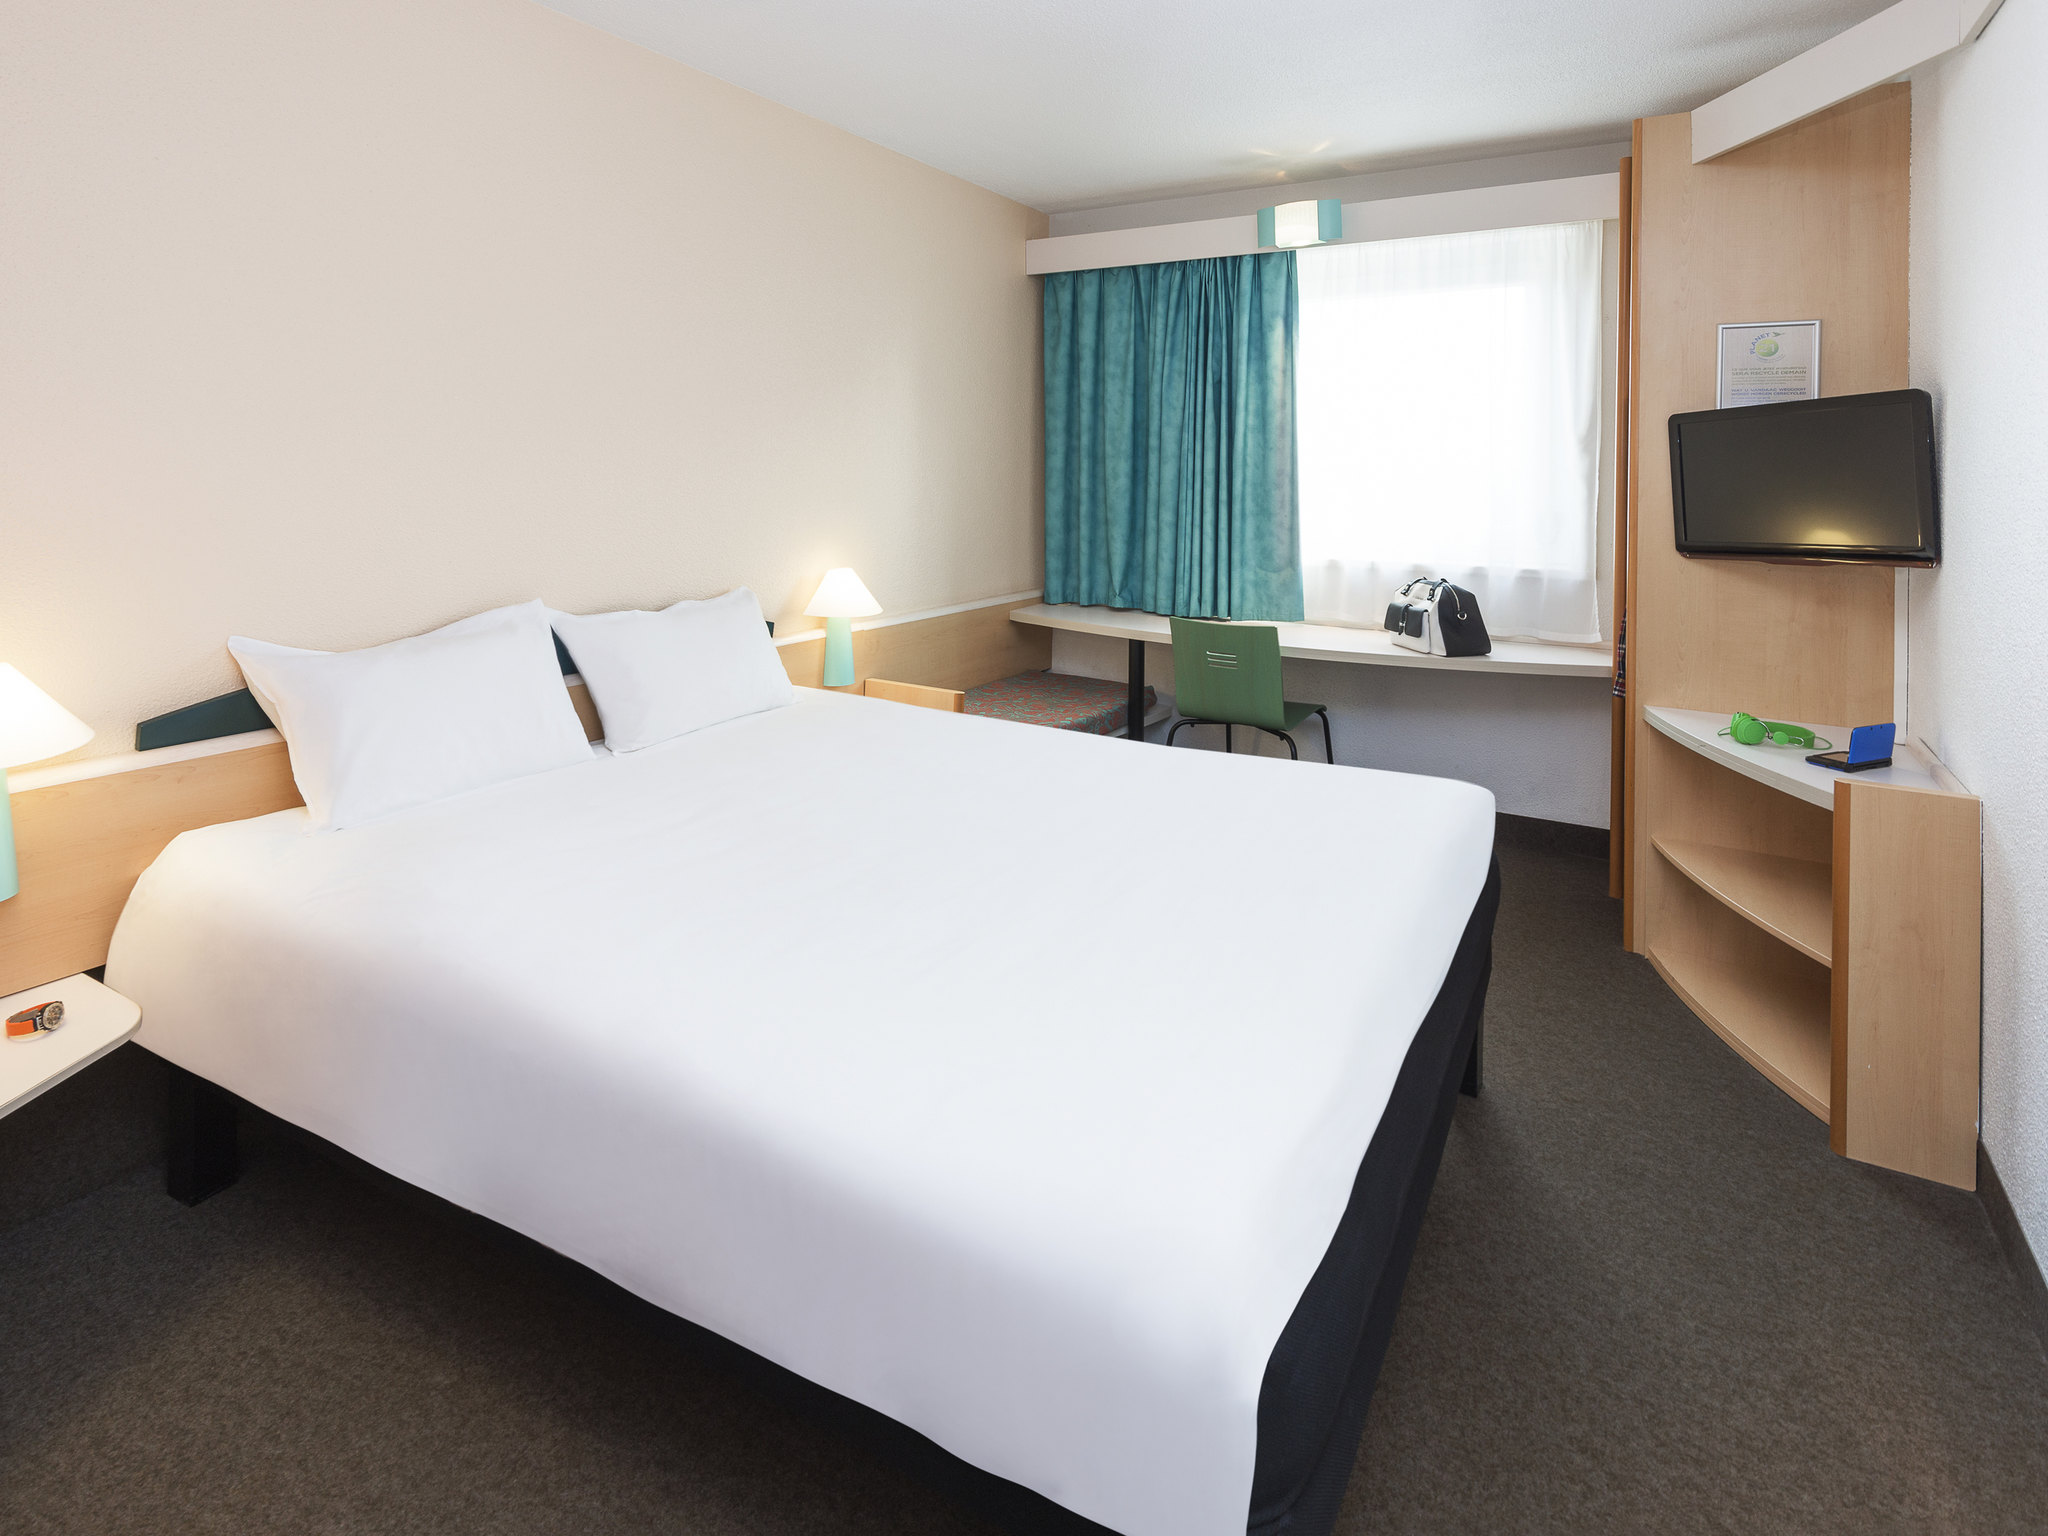 酒店 – 宜必思卢森堡南部酒店